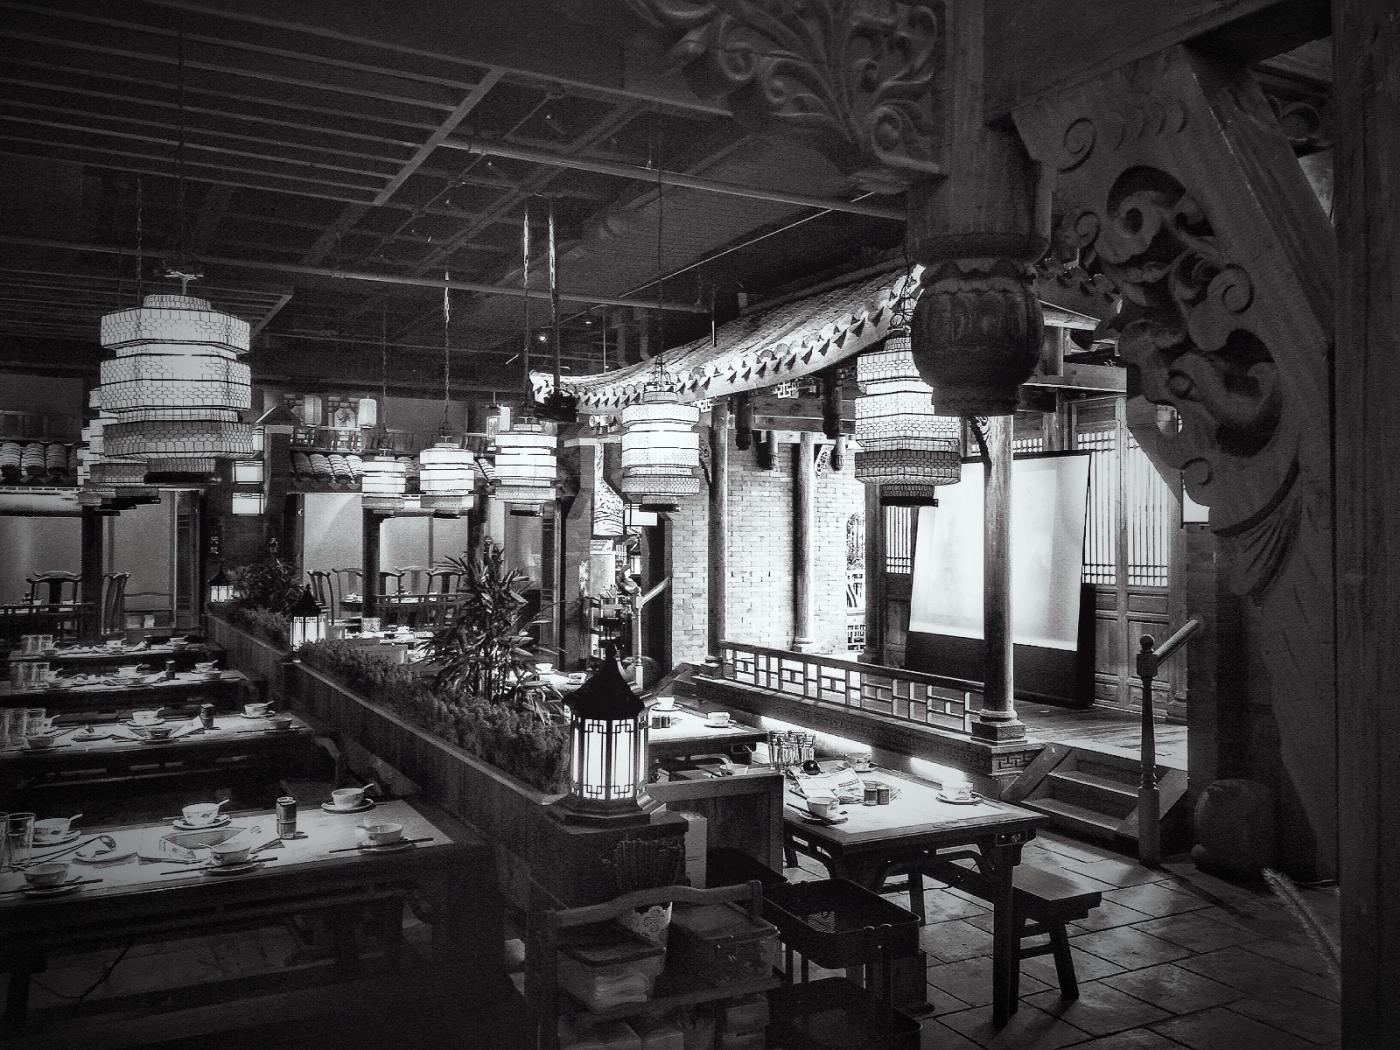 【盲流摄影】纽约法拉盛的中餐馆品味在提升-手机摄影_图1-34